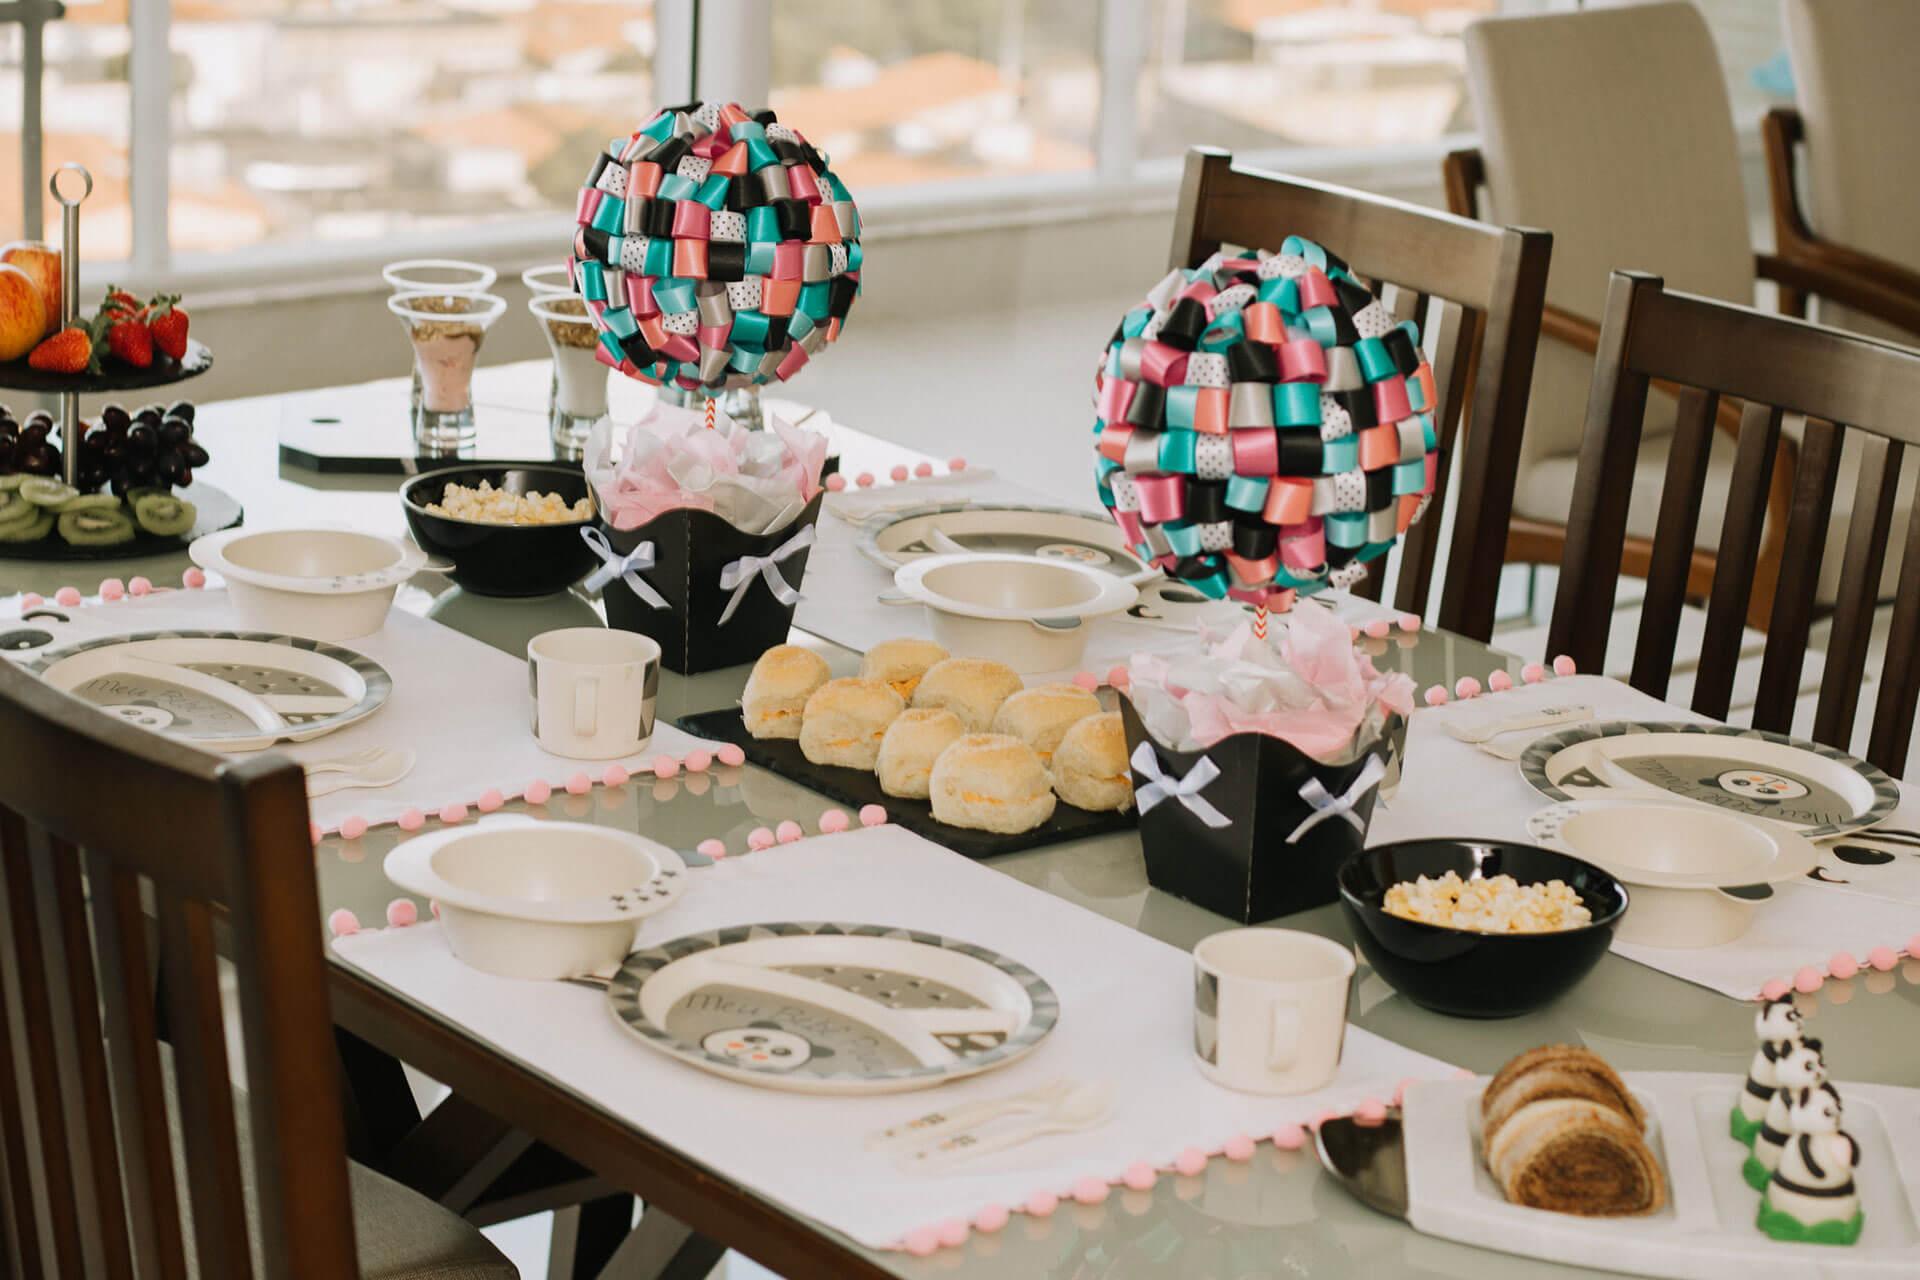 Imagem: Mesa maravilhosa para o Dia das Crianças! Foto: Amanda Melo/Blog Between Tea and Coffee.